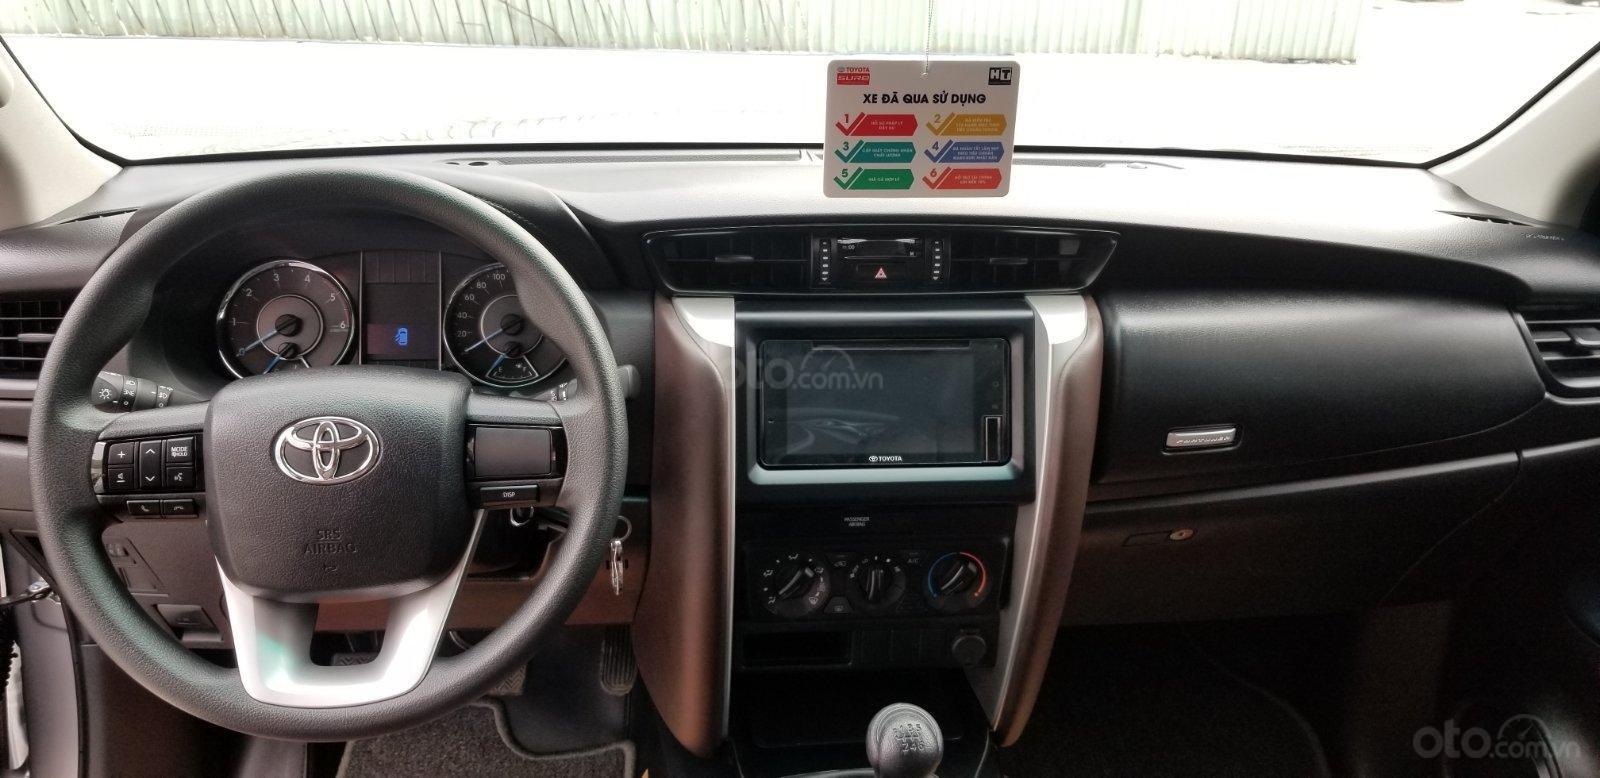 Cần mua bán Toyota Fortuner 2.4G dầu T7/2019, bạc lướt 7.500km, giá rẻ (10)